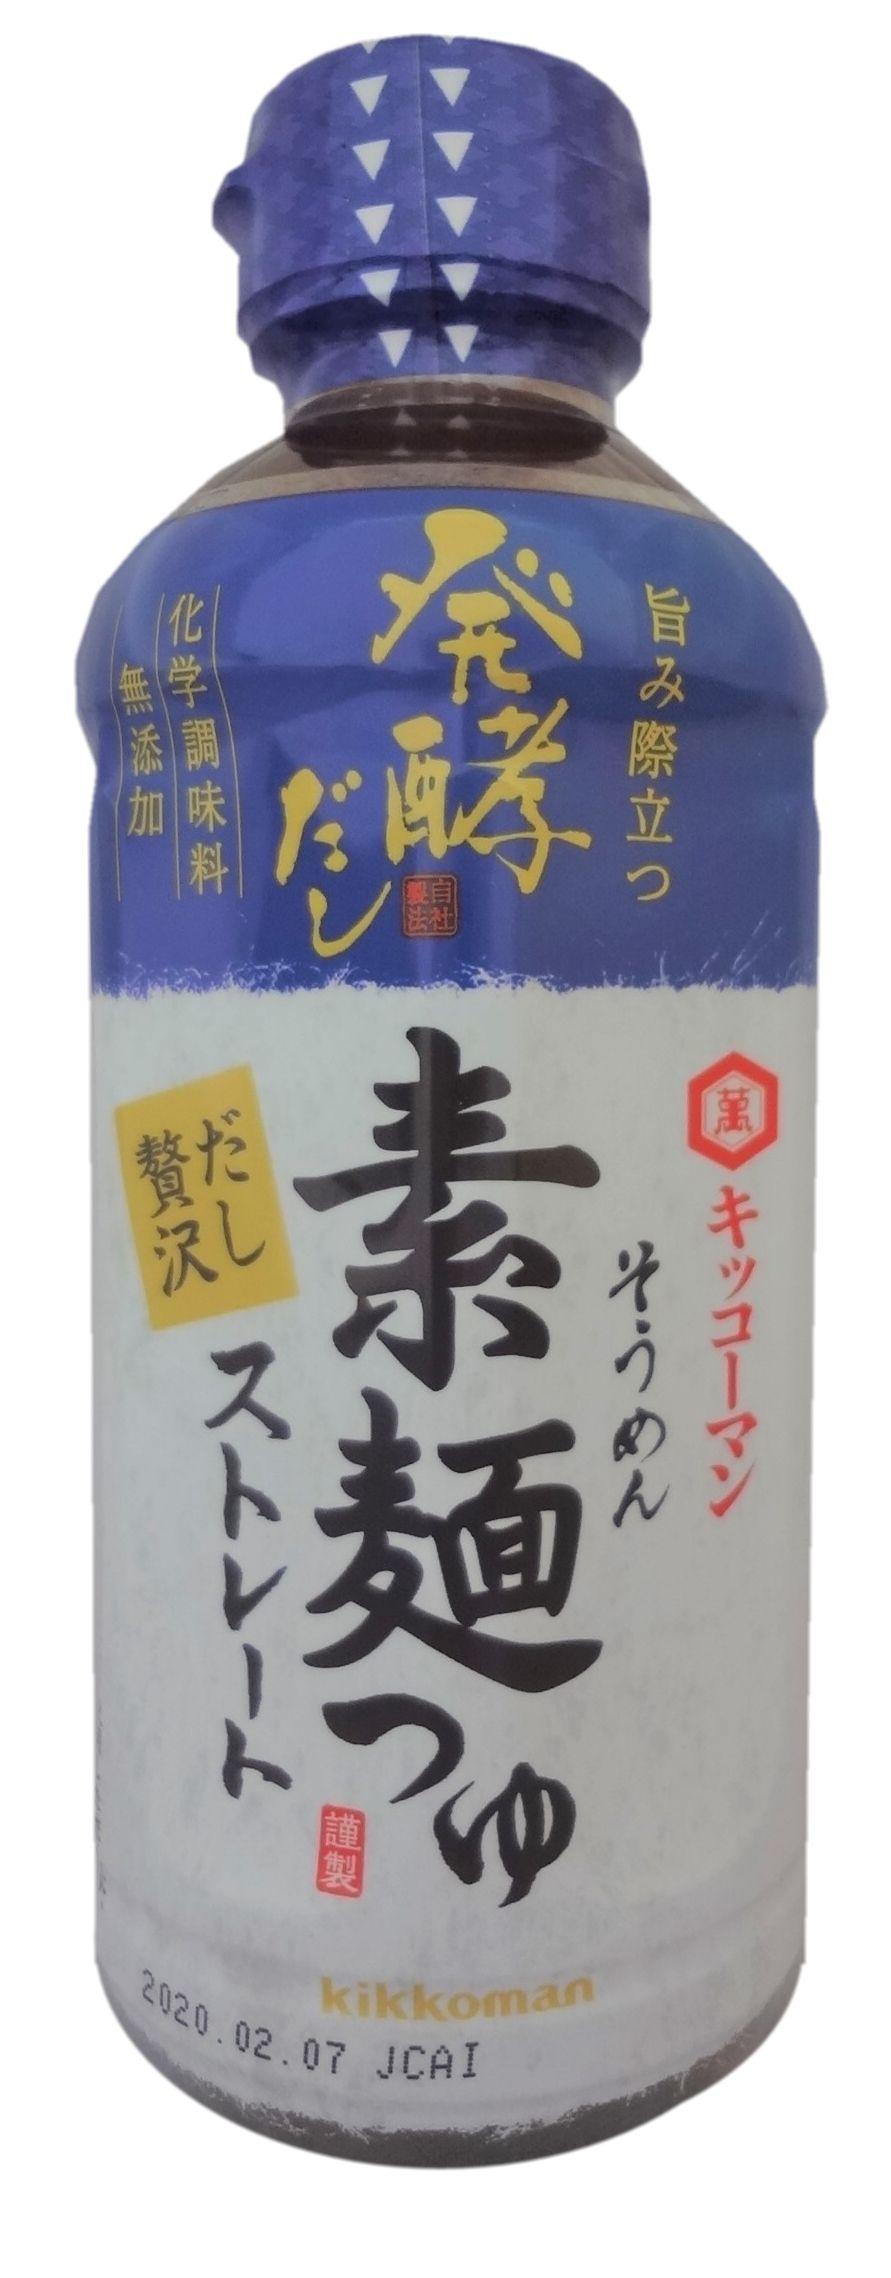 Kikkoman Hakko Dashi noodle sauce